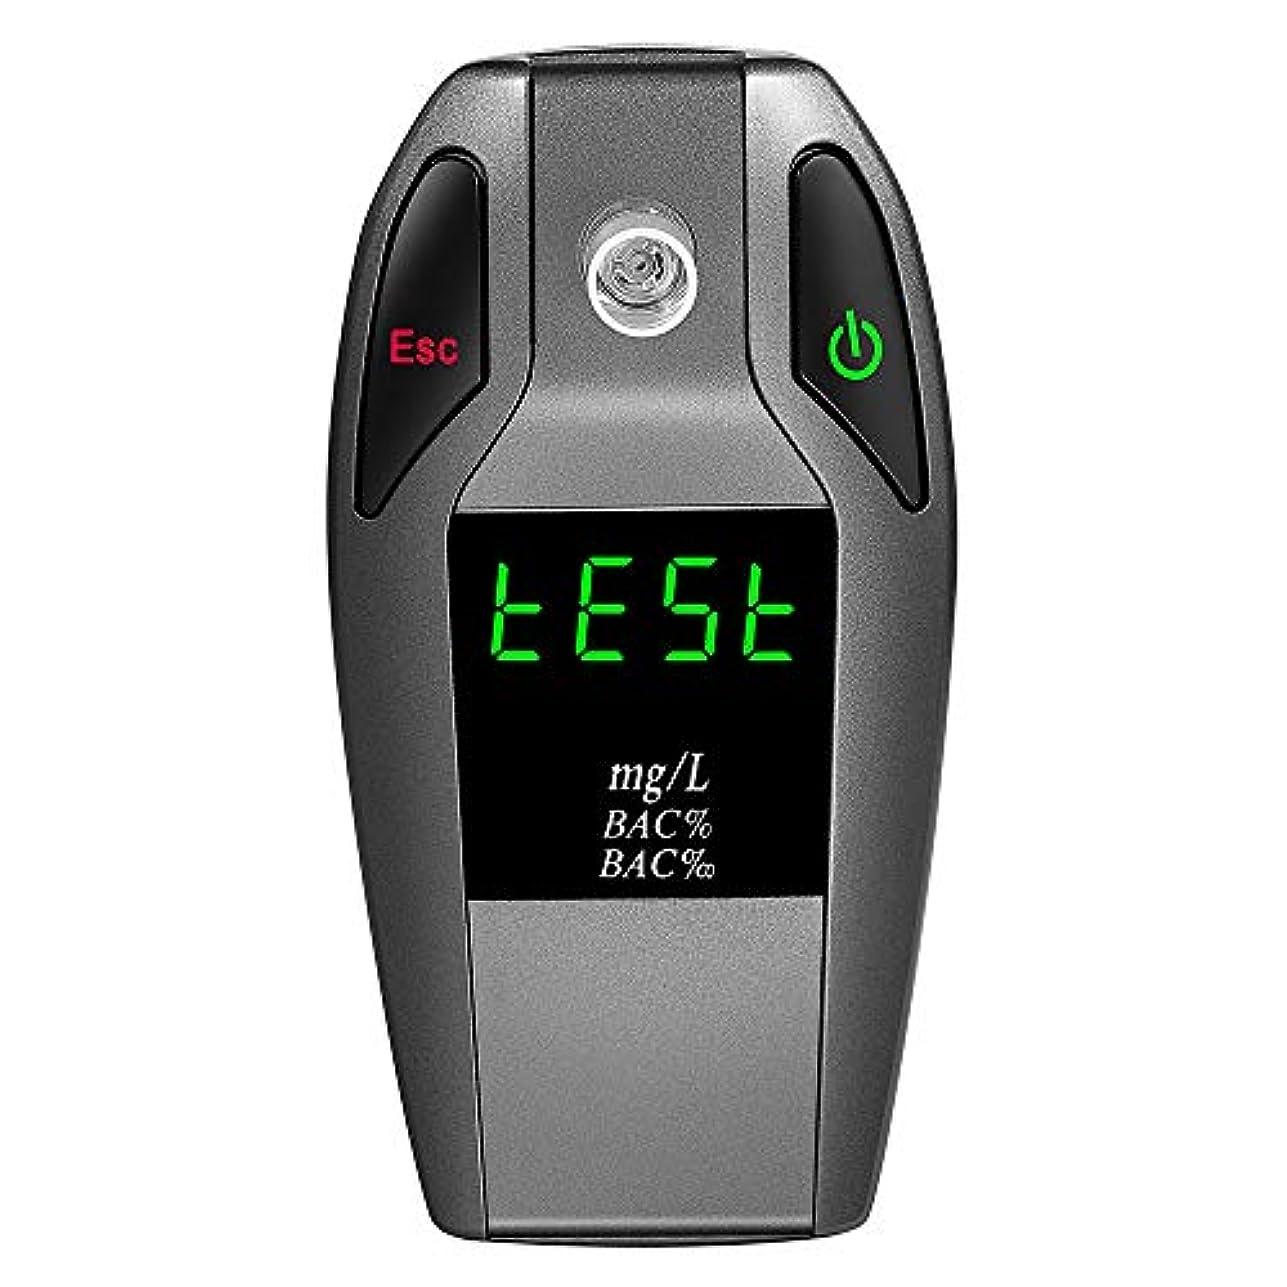 不満一晩有益なROEAM プロフェッショナルポータブルデジタルアルコール検知器 ポータブル飲酒検知器 電気化学式アルコールチェッカー アルコールテスター においチェッカー ブレスチェッカー アルコール探知機 アルコール検査 アルコールセンサー 息吹き式 亜鉛合金 5ピース透明マウスピース付き LEDスクリーン EK911